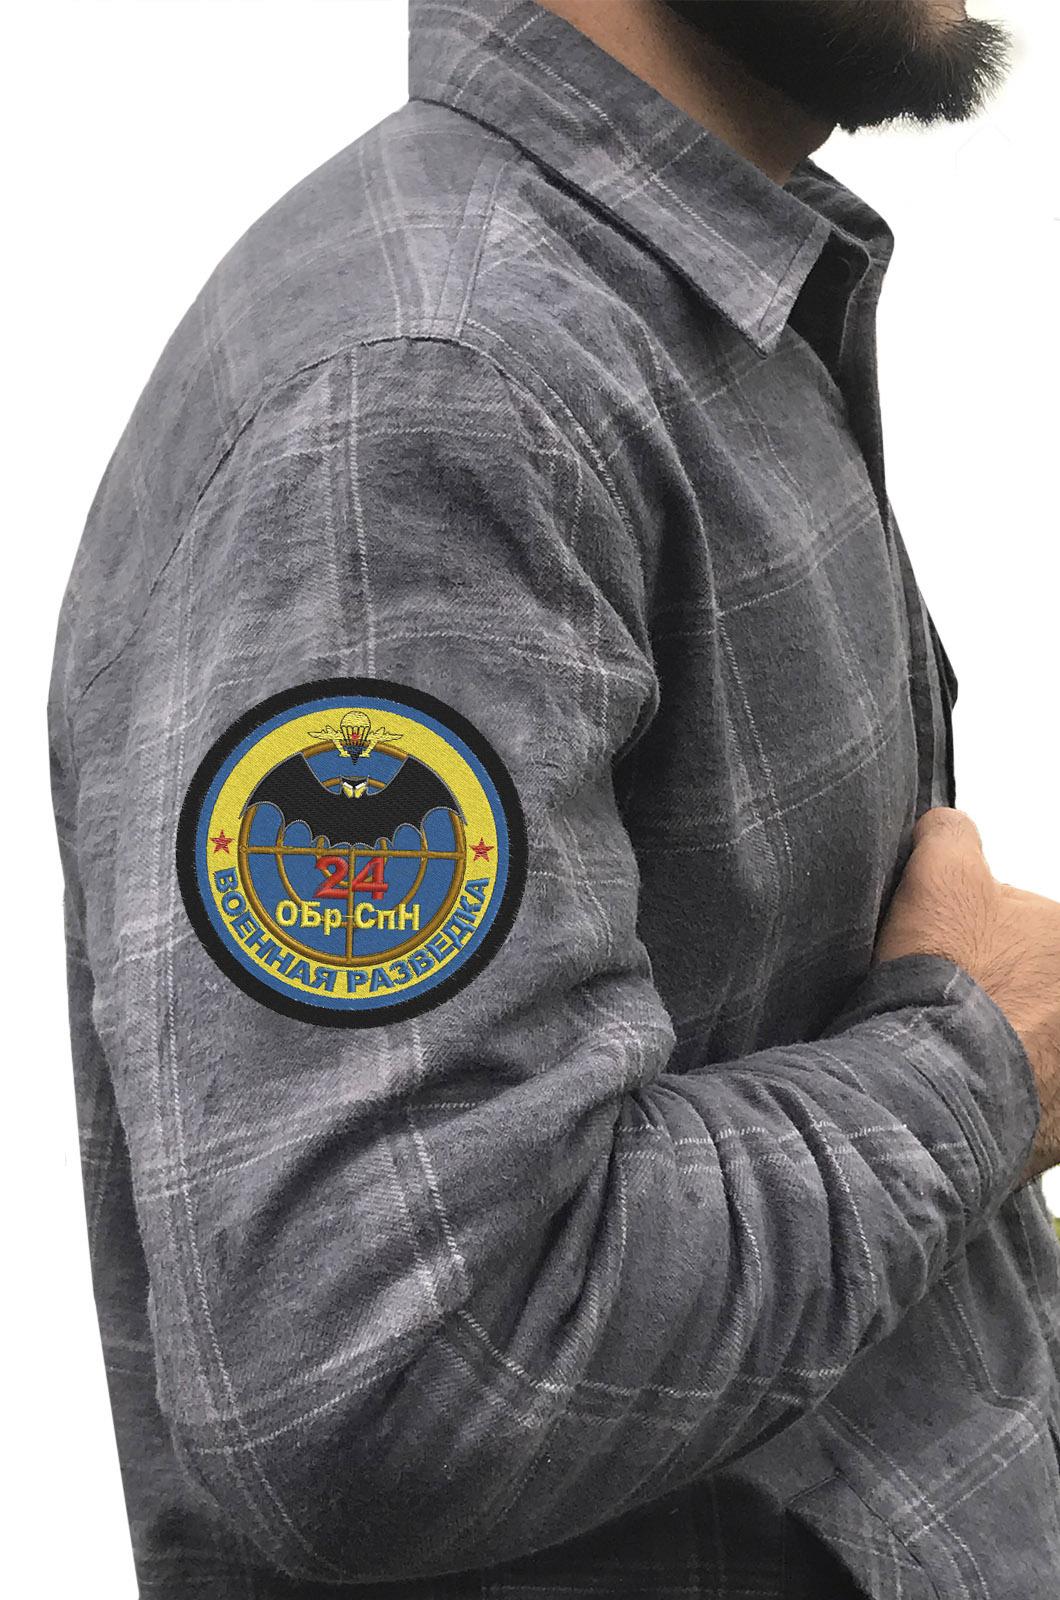 Рубашка с шевроном Военной разведки 24 ОБрСпН купить с доставкой